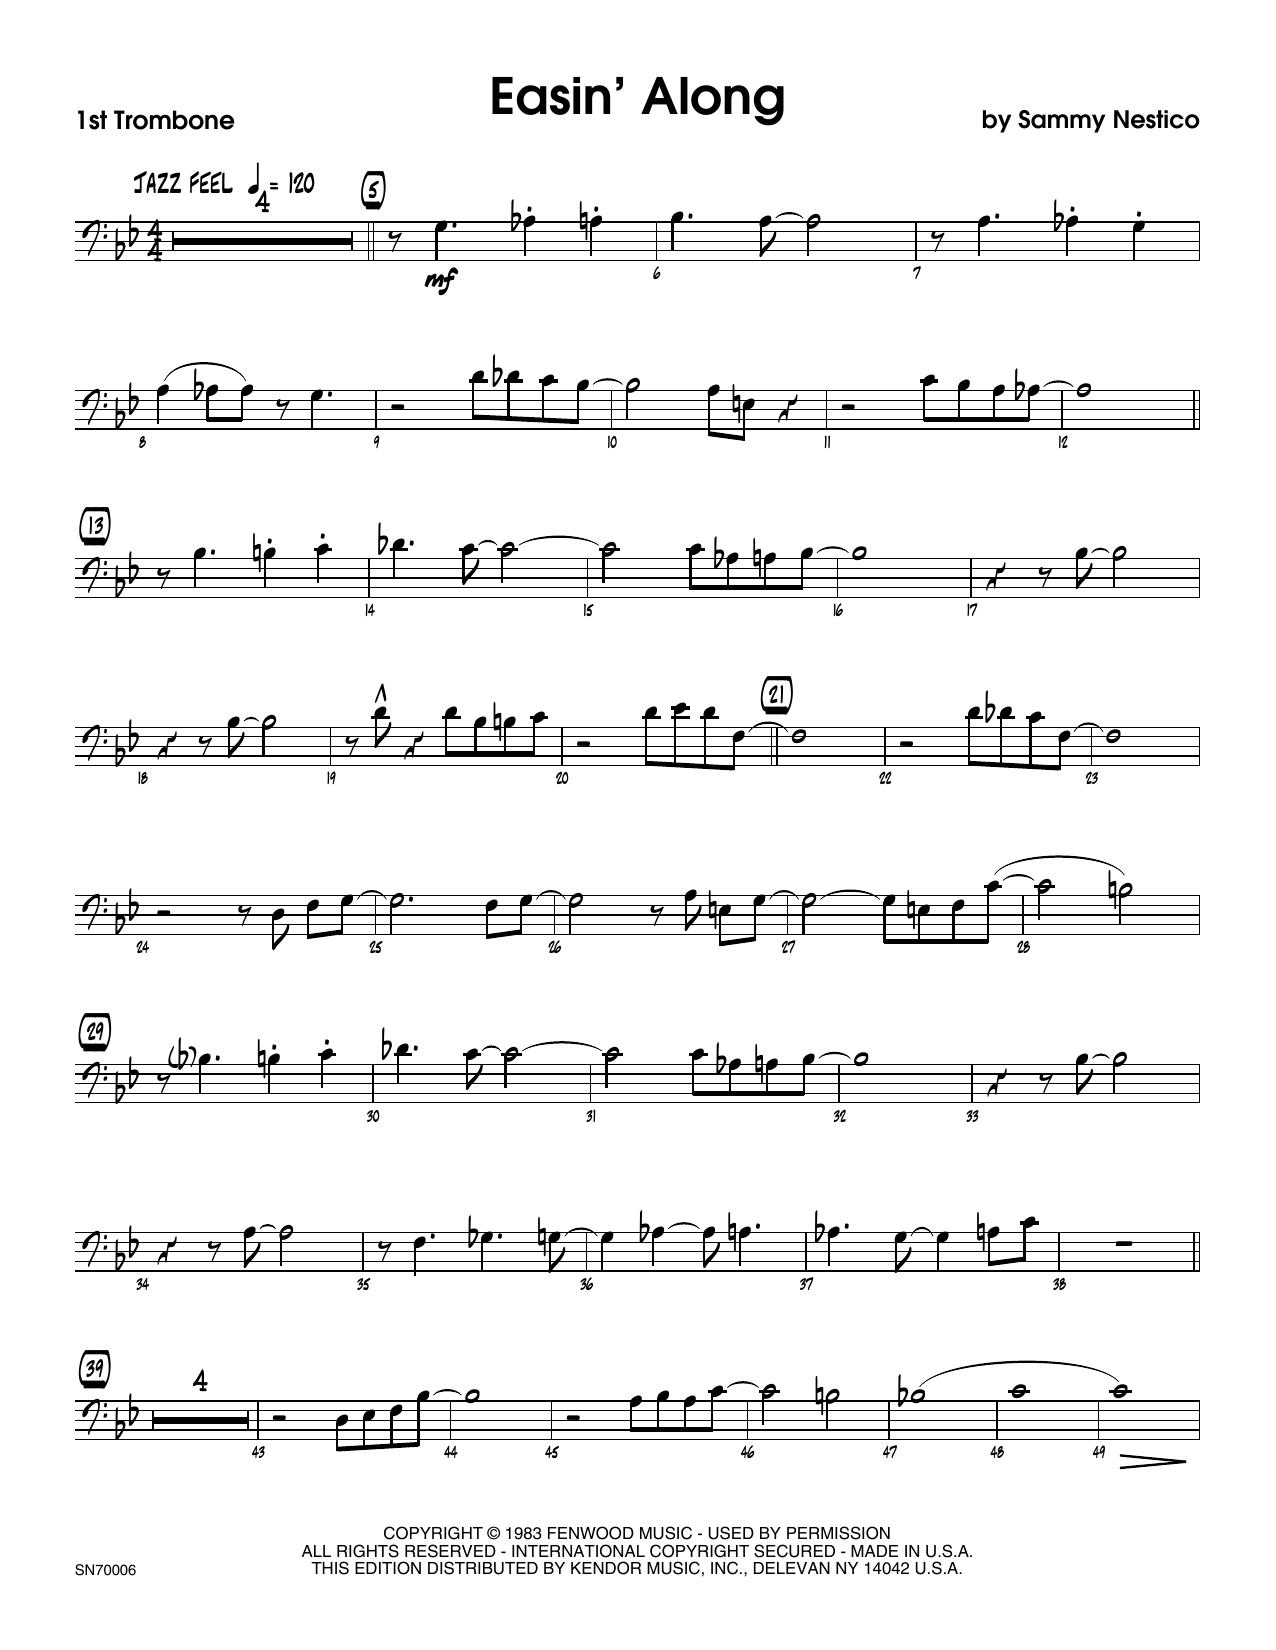 Easin' Along - 1st Trombone Sheet Music